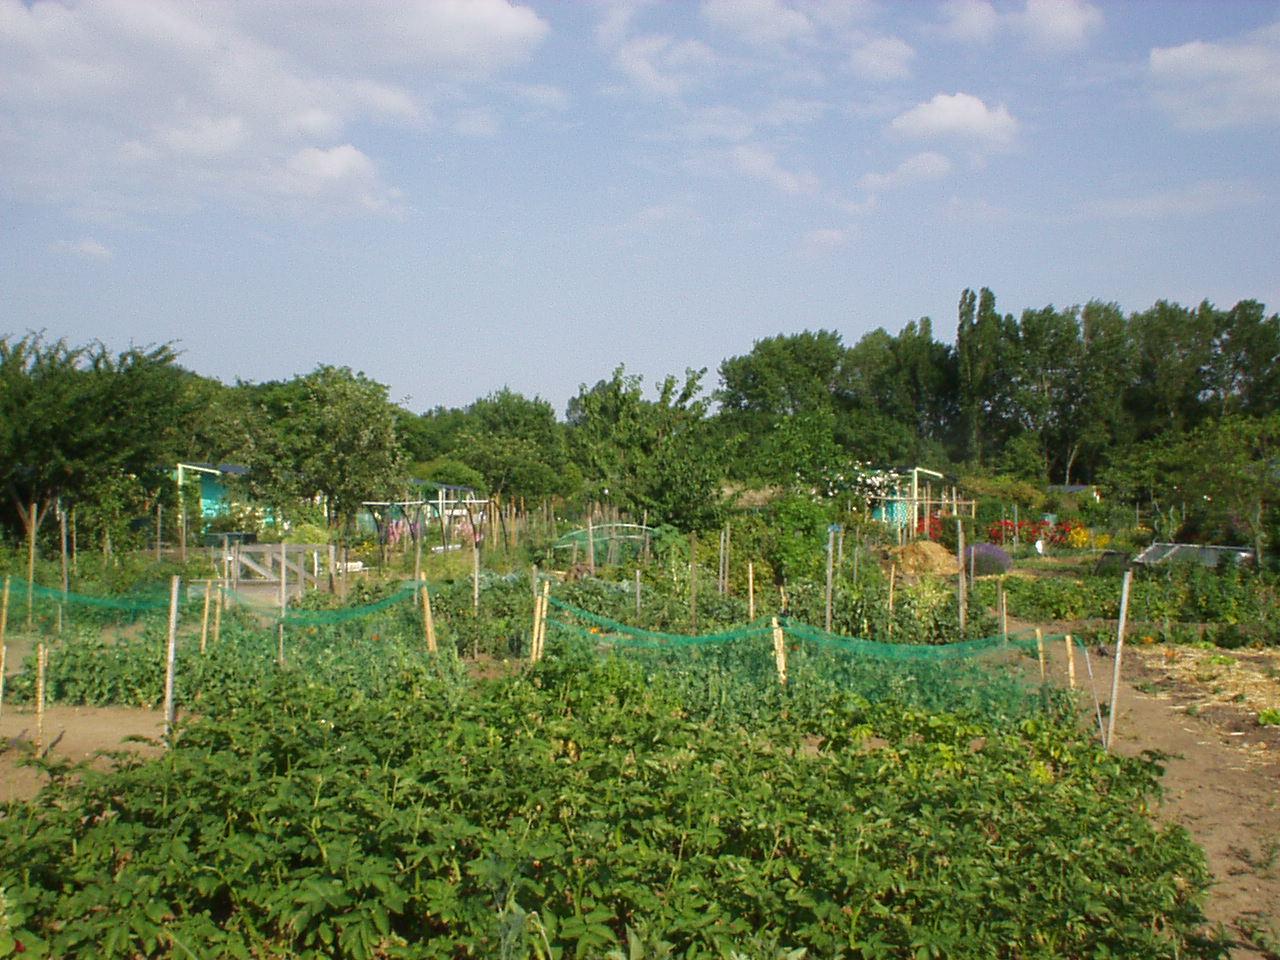 Les voyages de laur ole les jardins familiaux for Jardin familiaux